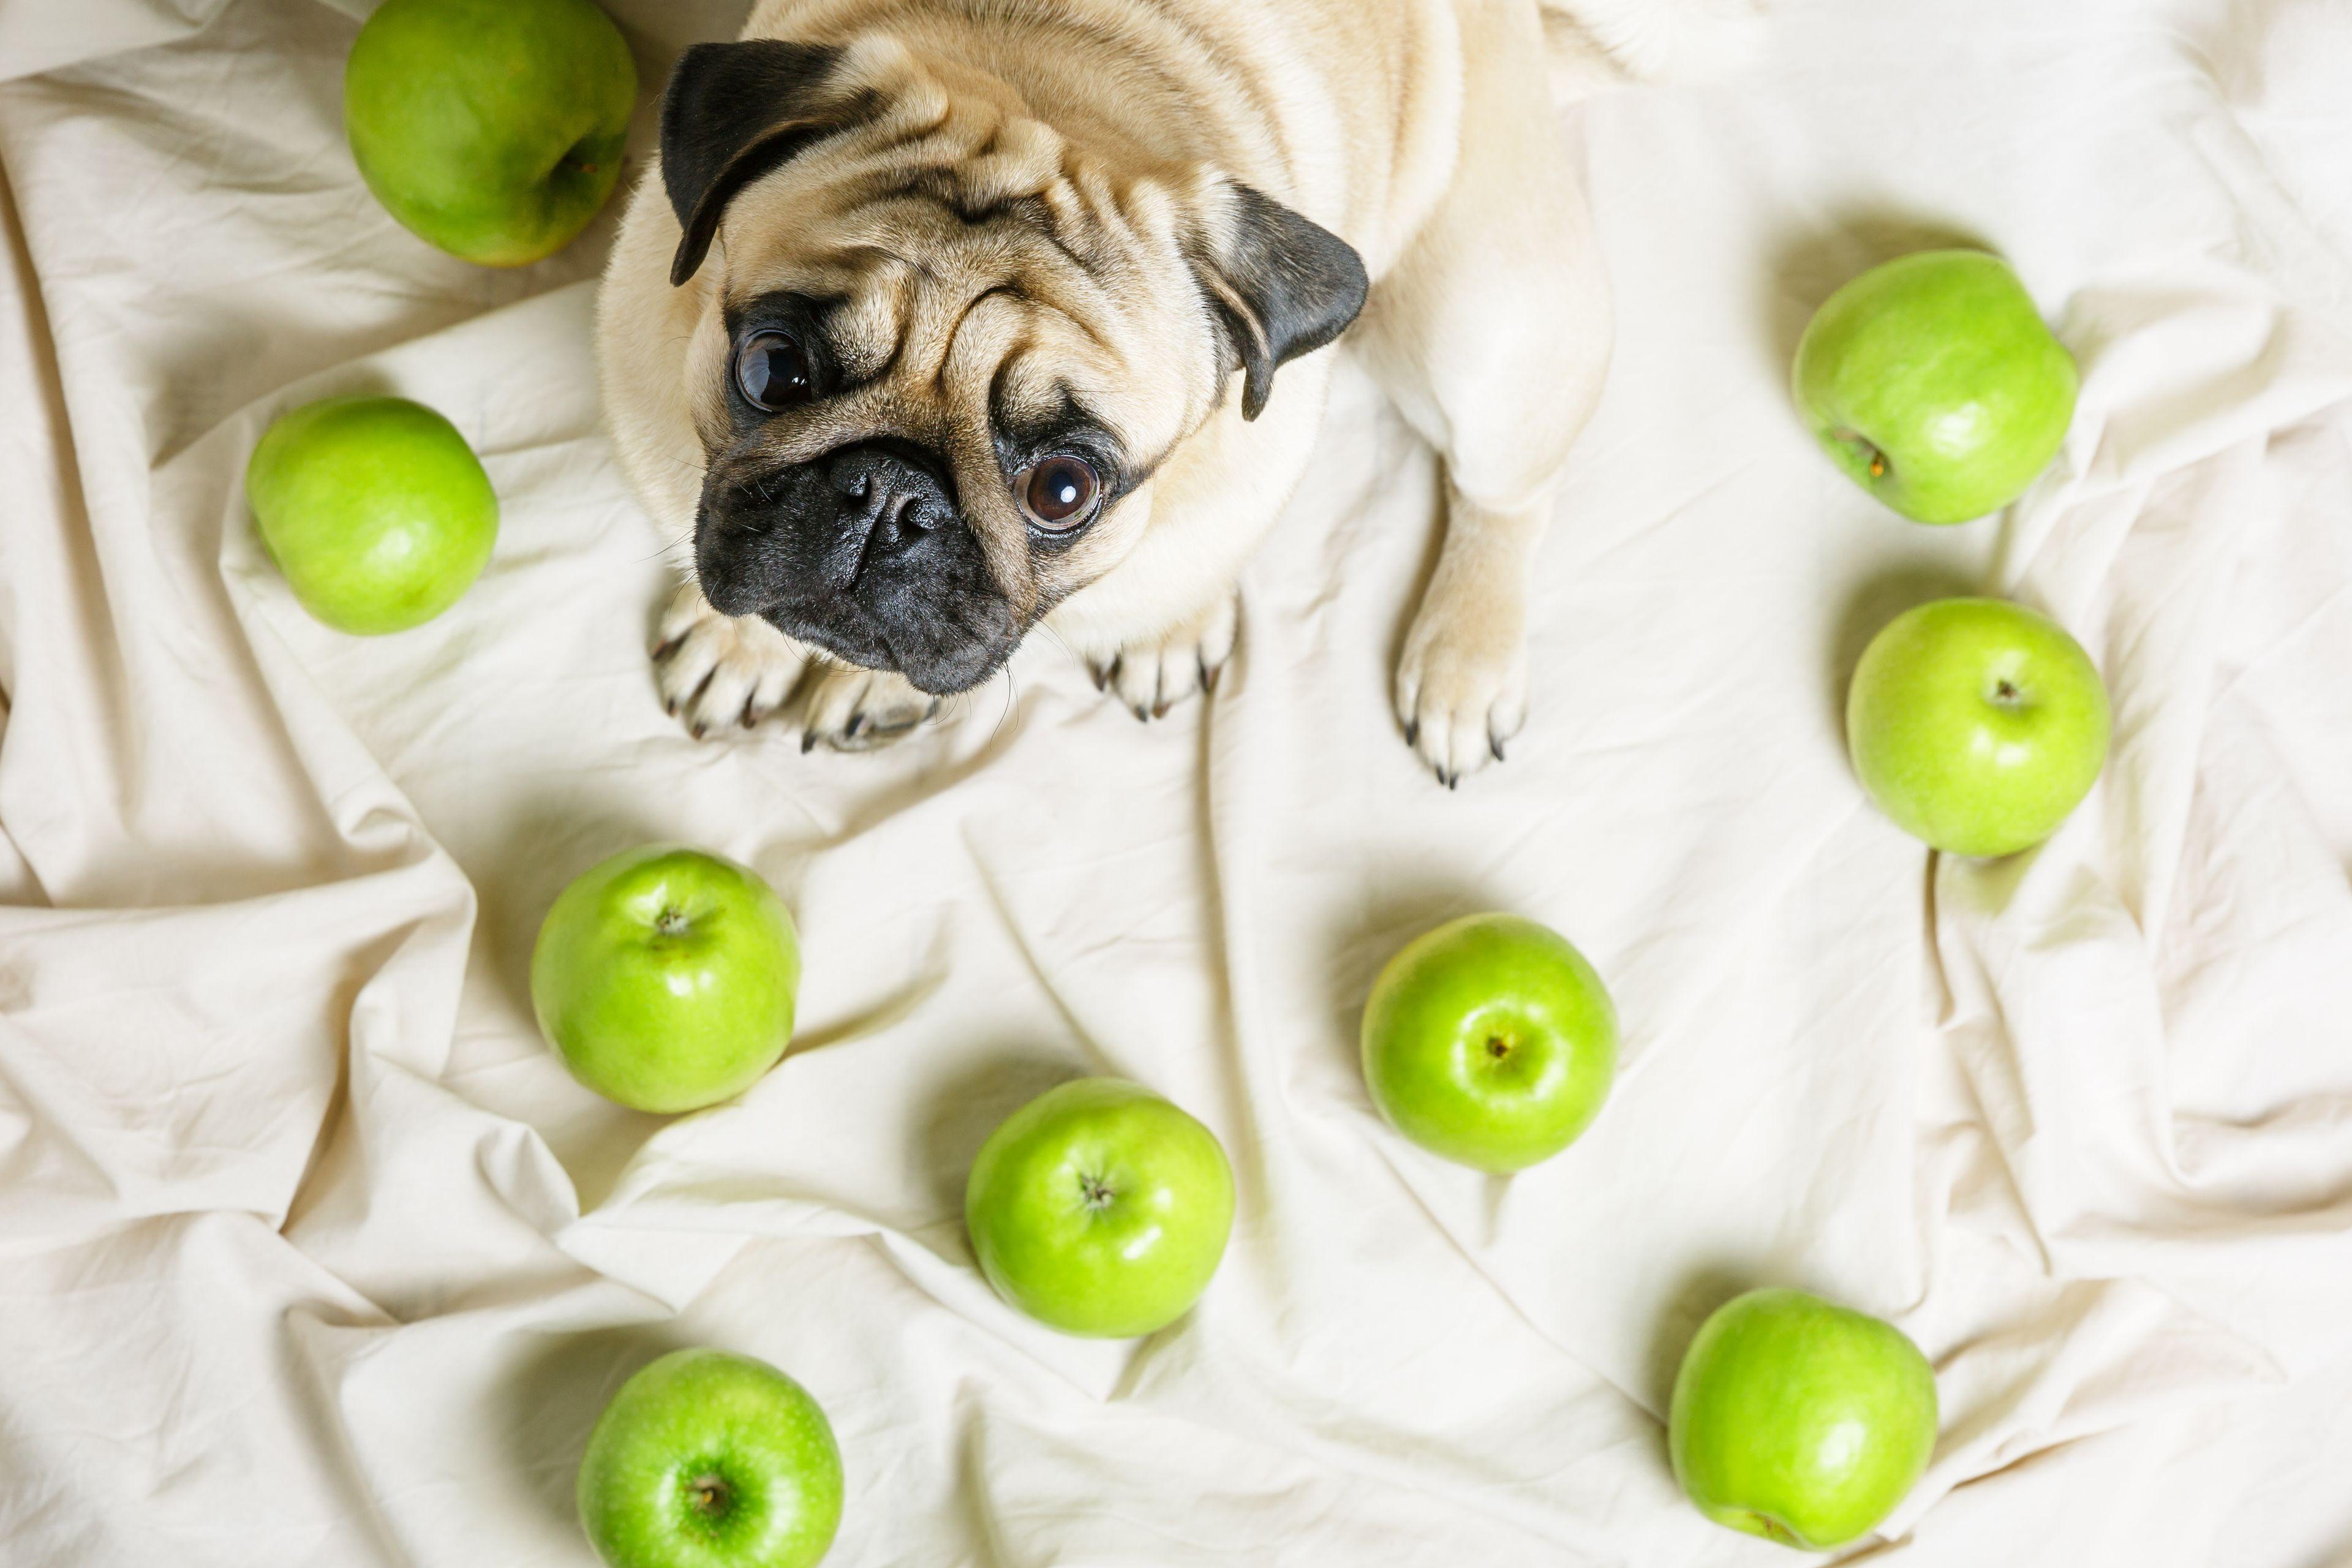 benefici frutta per il cane